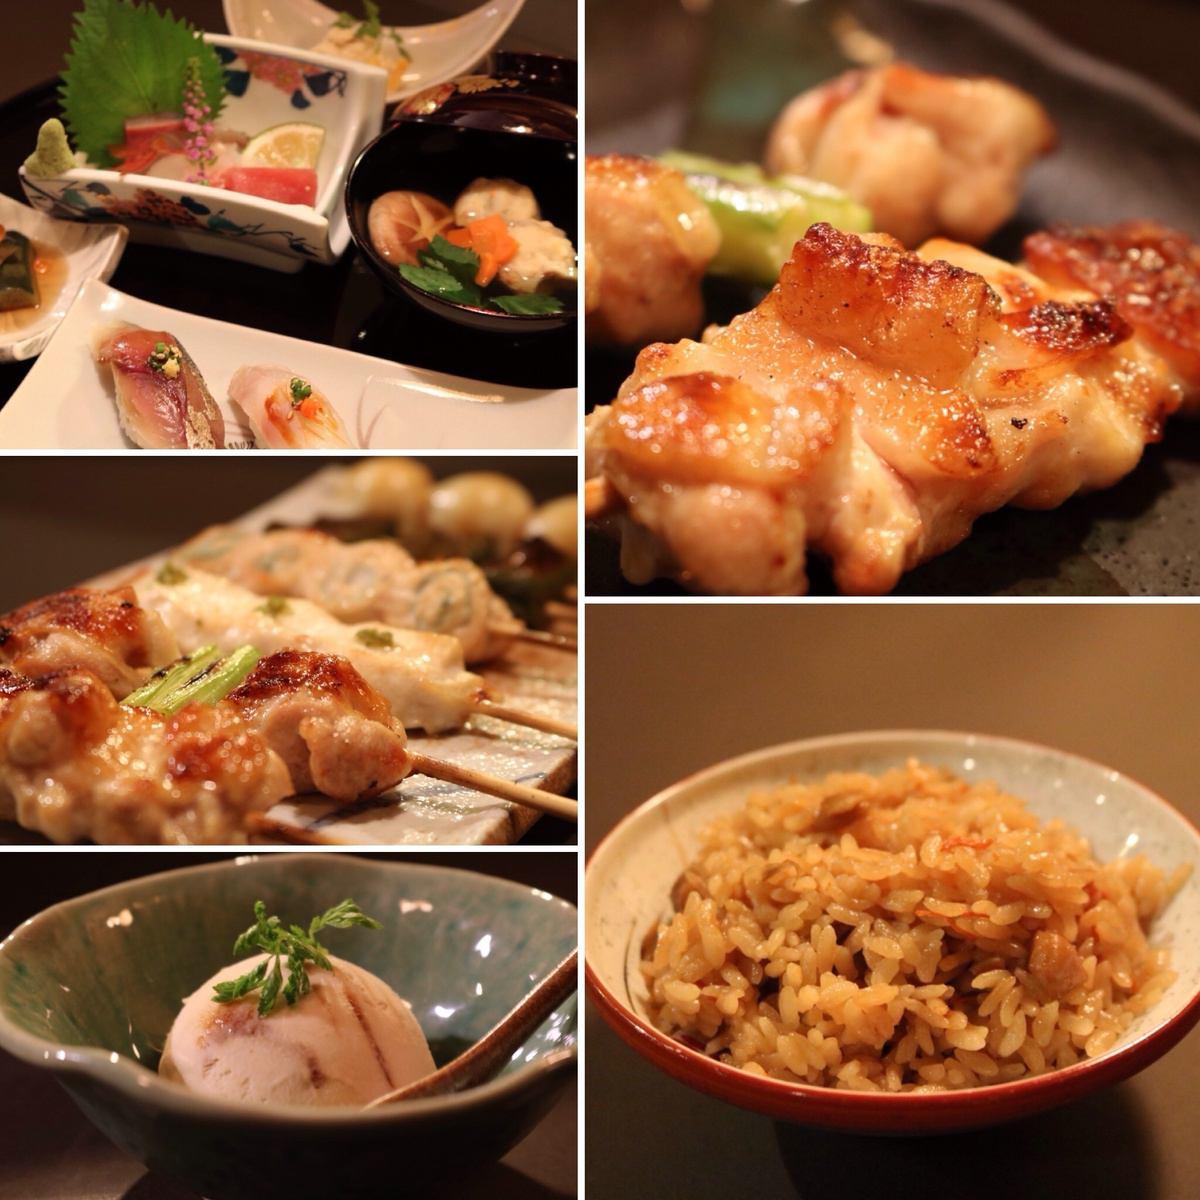 """流行的""""懷石料理課程""""。以合理的價格,就可以享受用餐的奢華!"""